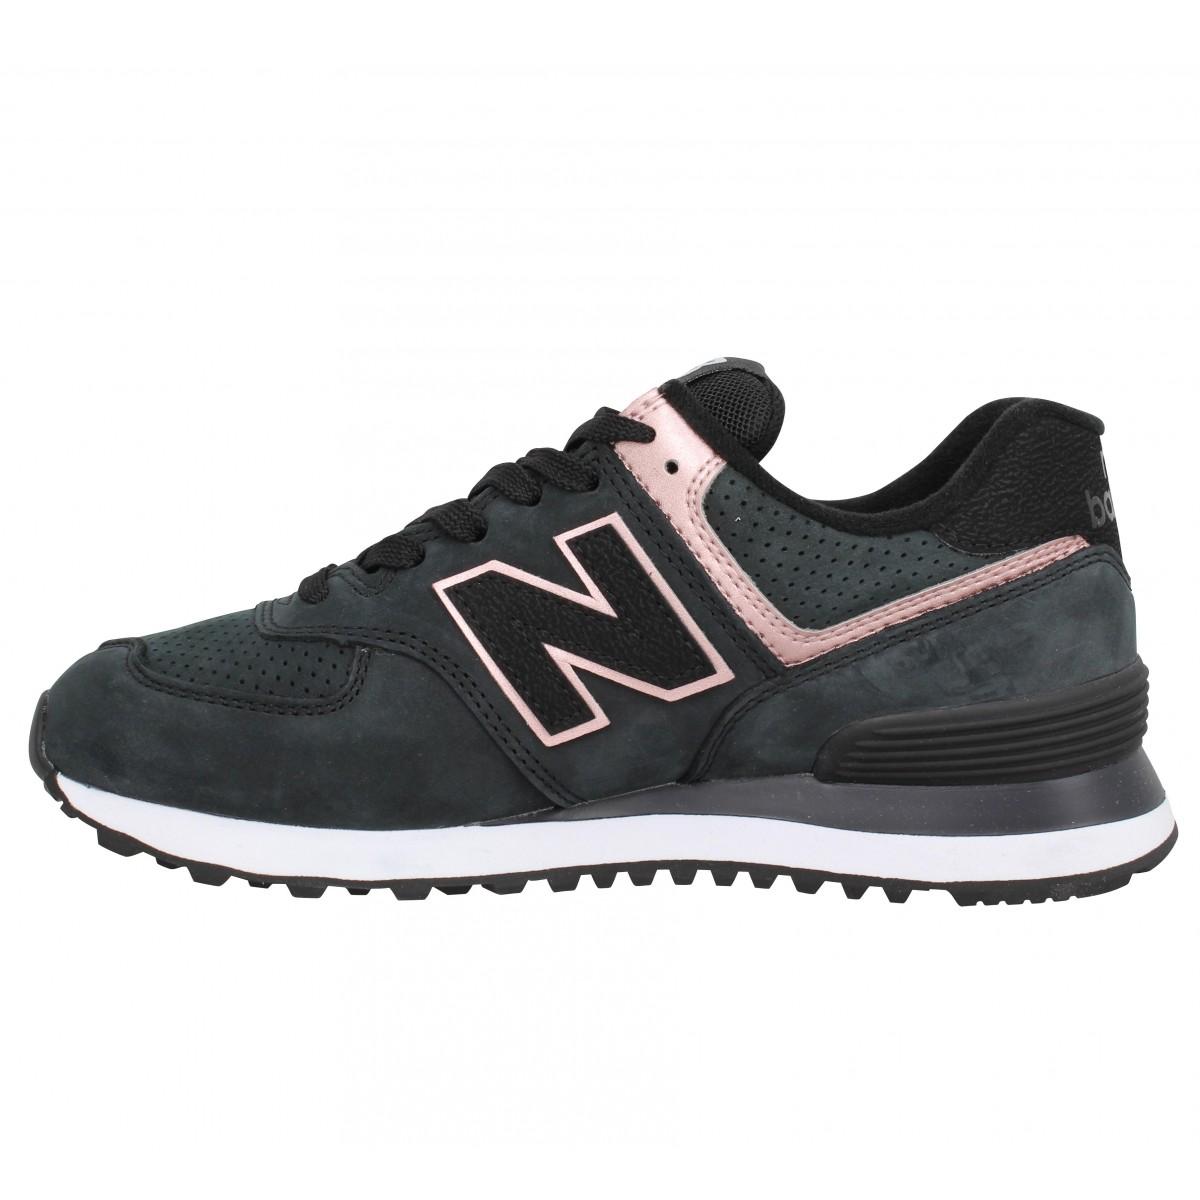 New balance 574 nubuck femme noir femme | Fanny chaussures